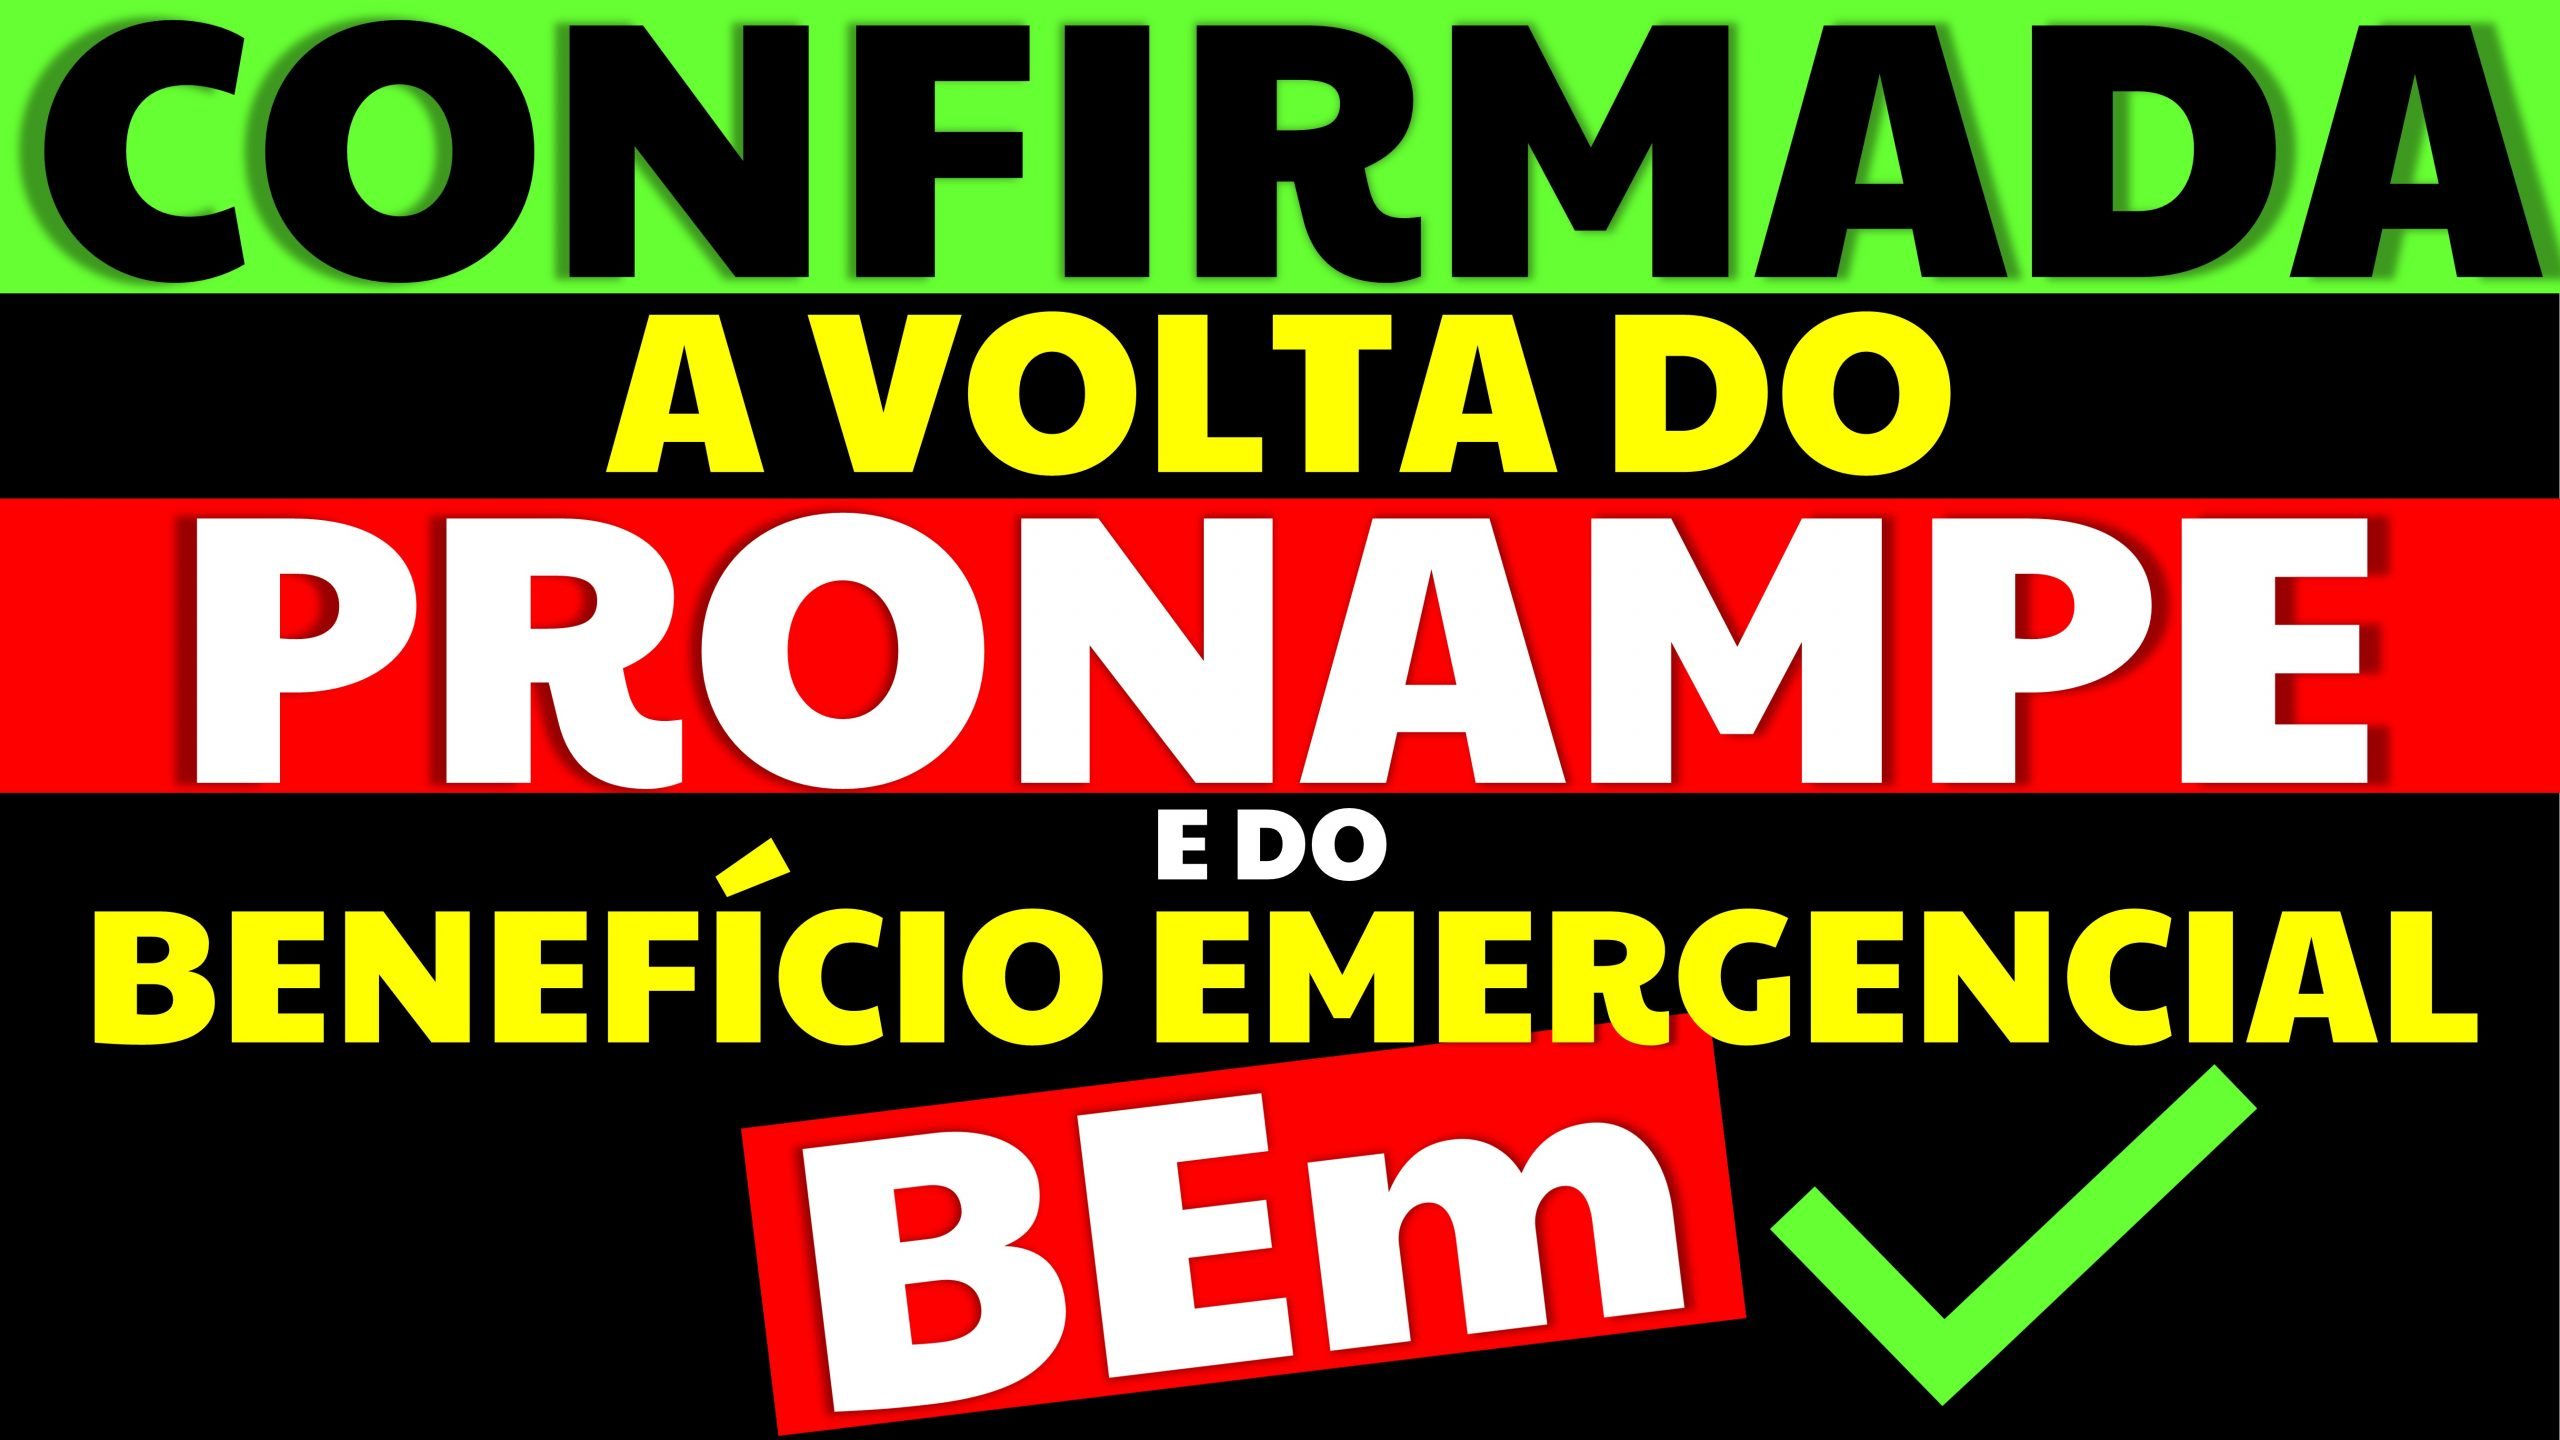 BEM e o Pronampe serão retomados: Congresso aprova projeto que permite volta dos programas